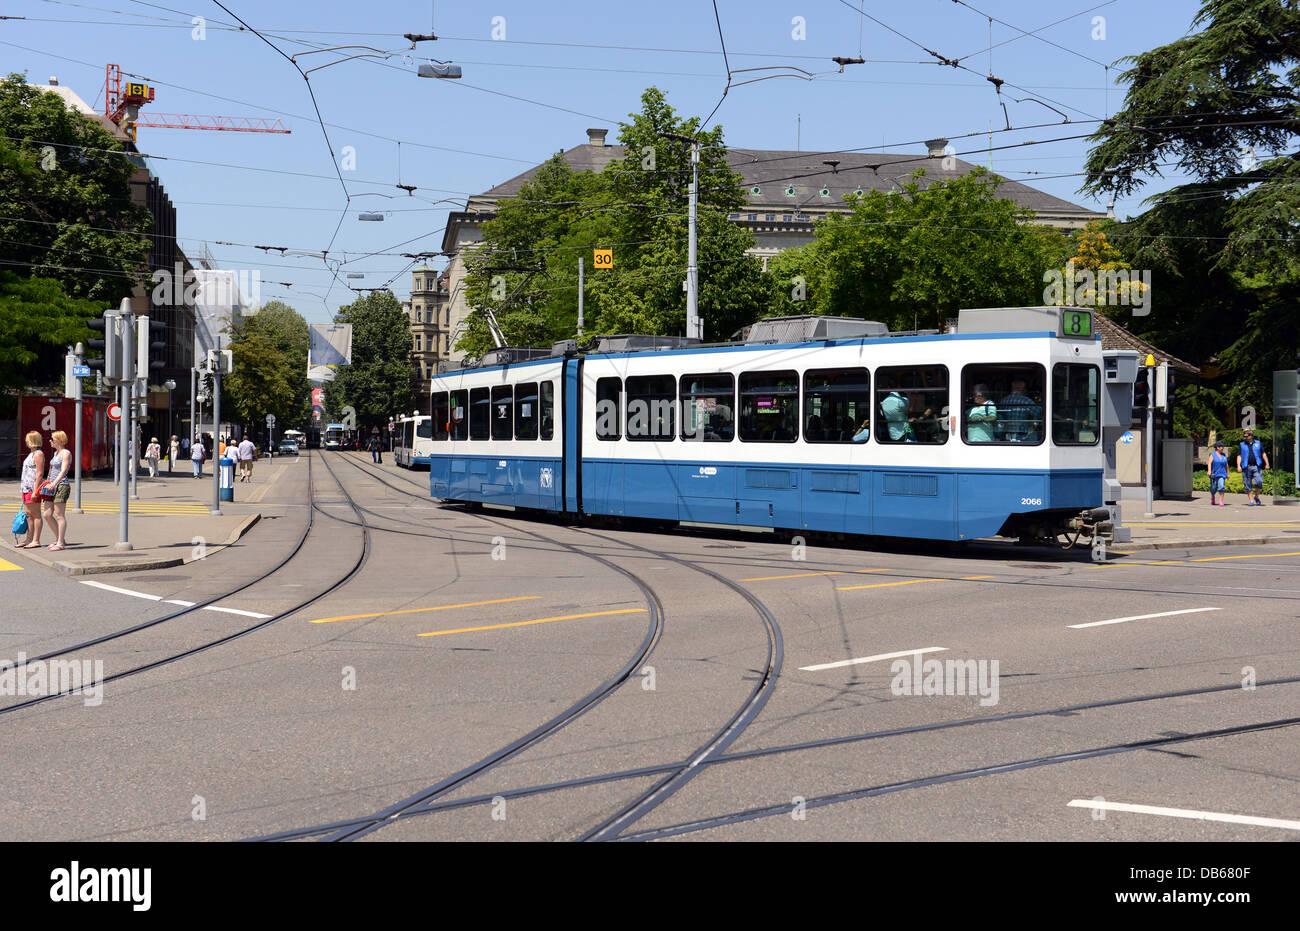 Tram at Zurich near Buerkliplatz - Stock Image